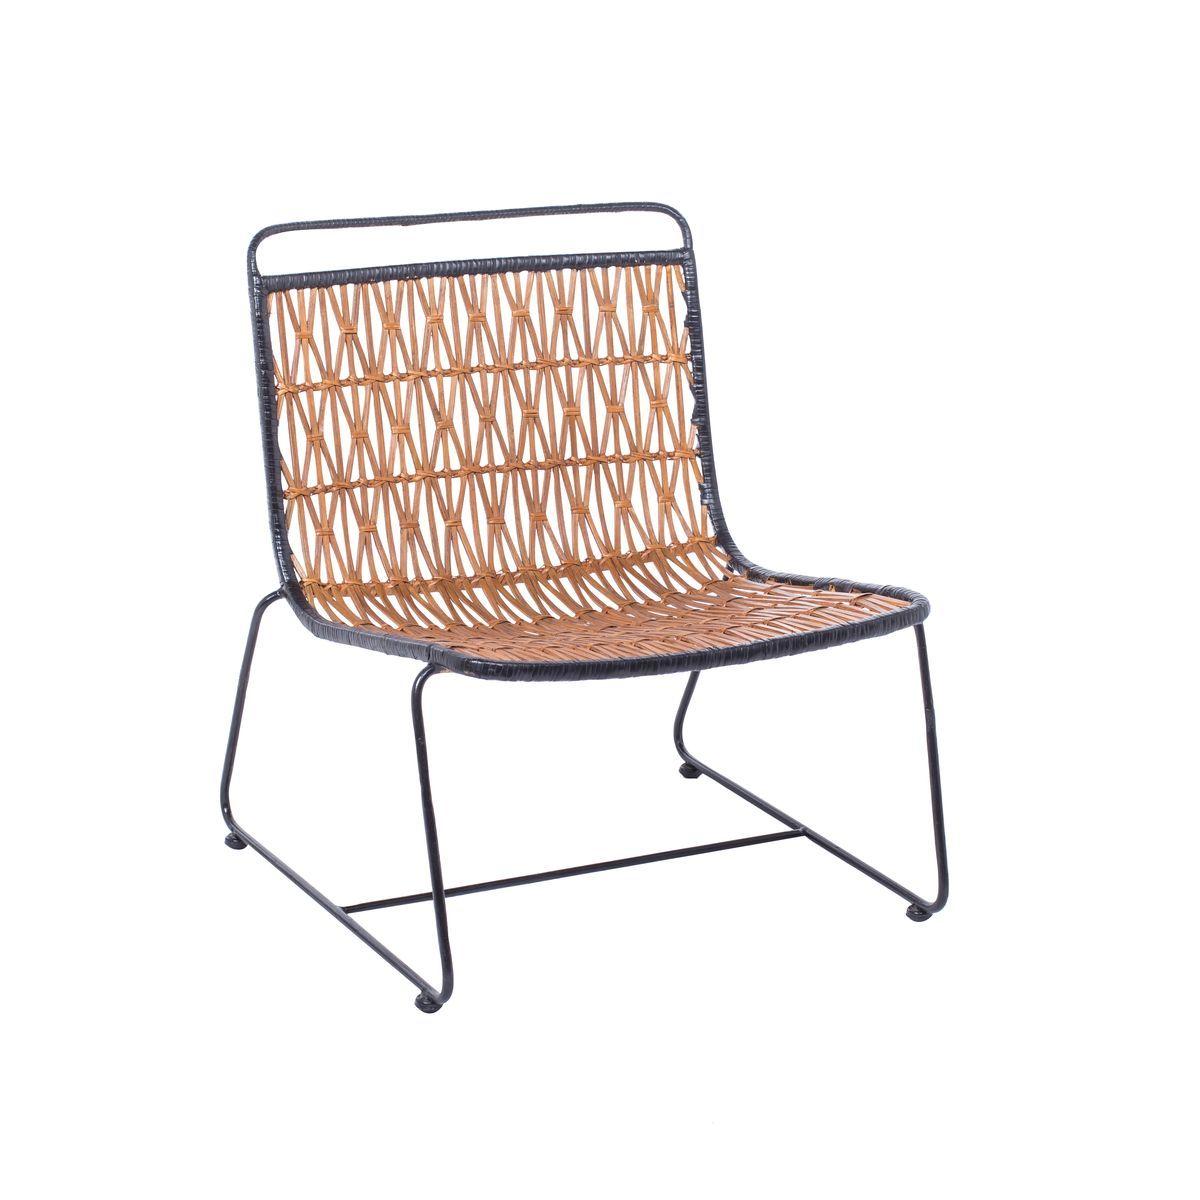 Fauteuil lounge en rotin avec croisillons miel et noir